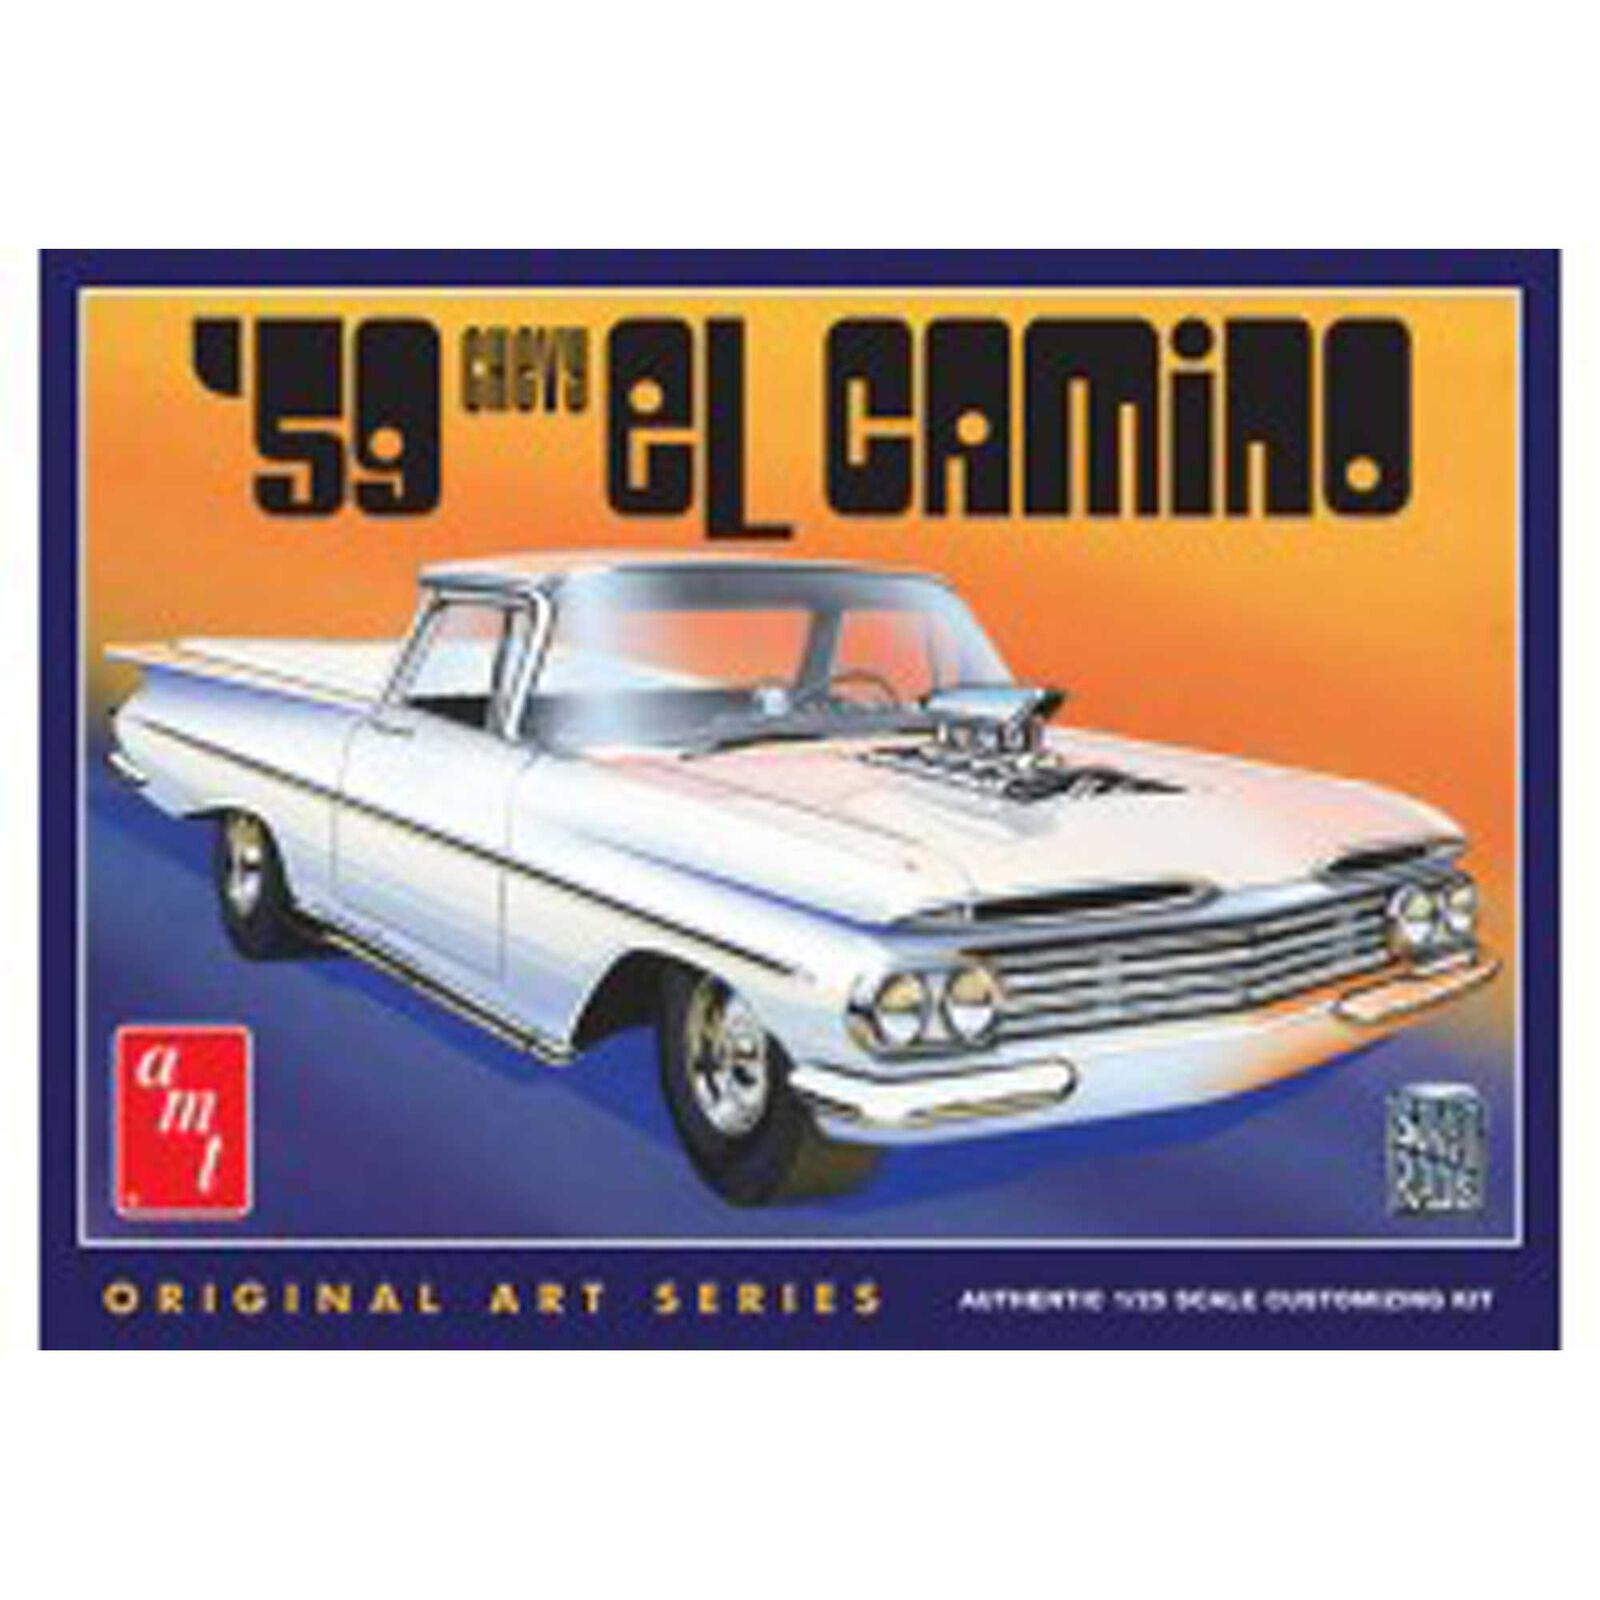 1959 Chevy El Camino Original Art Series